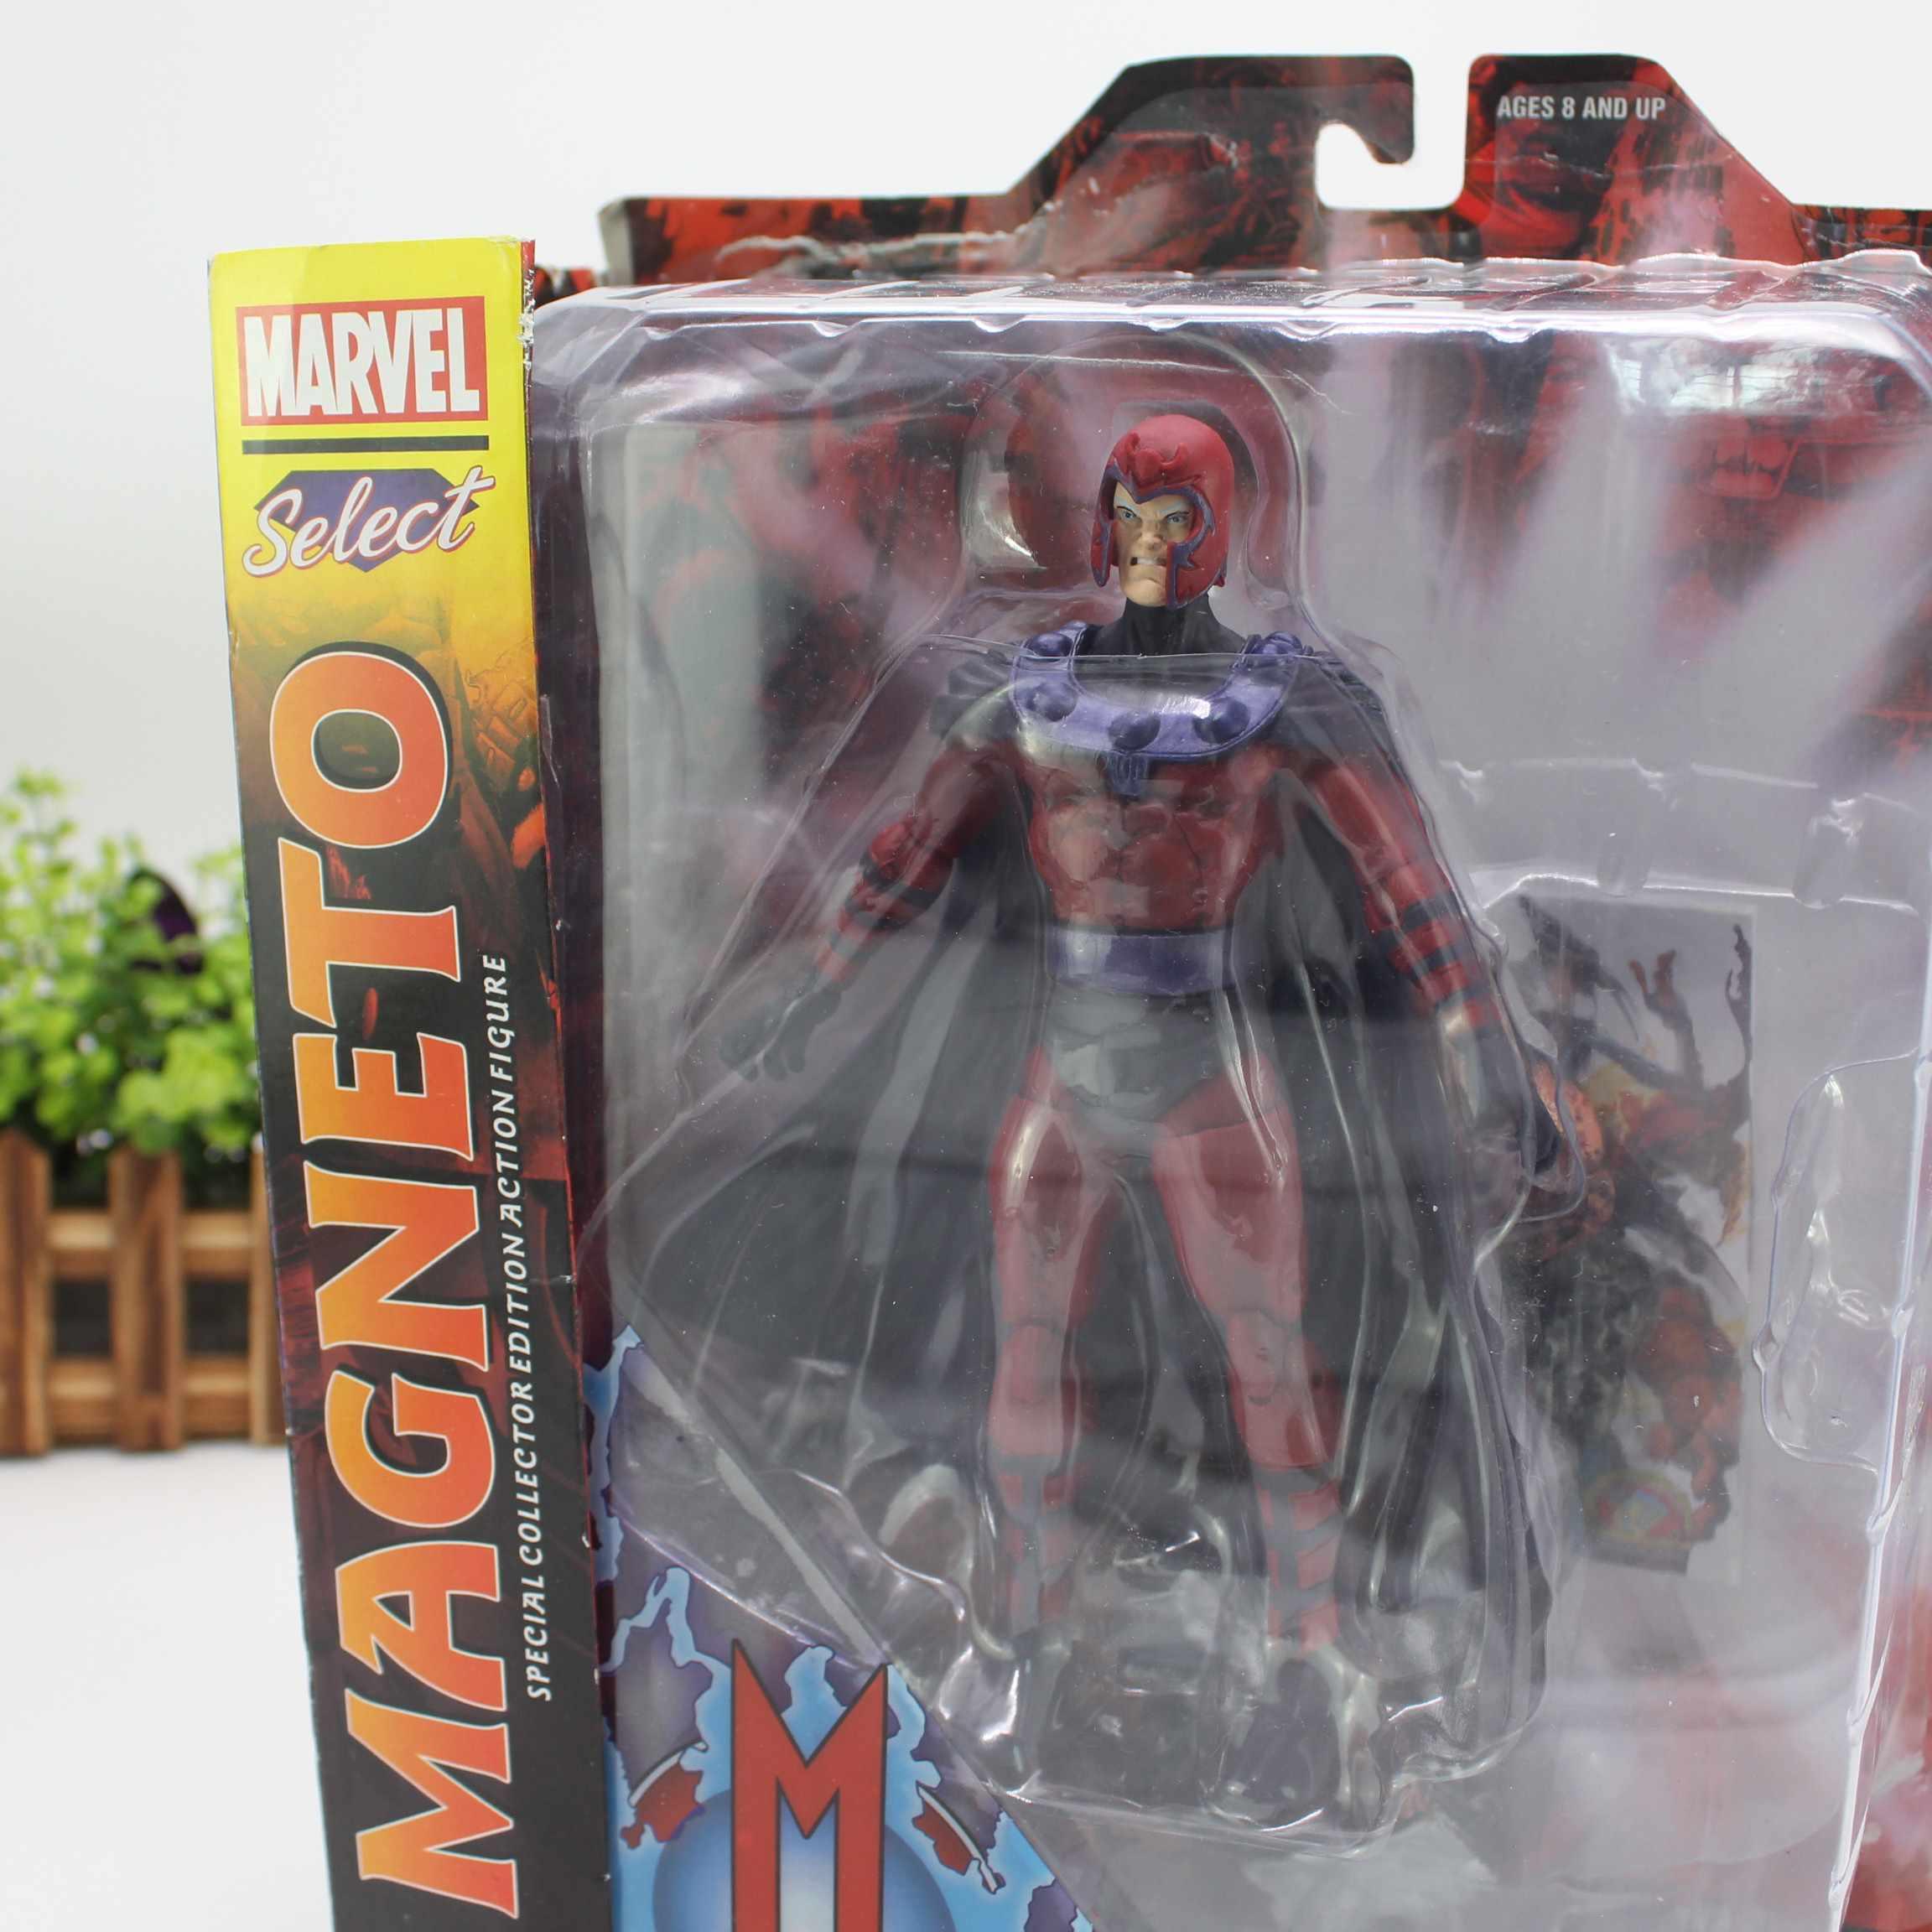 Фигурка Marvel фигурка Магнето фигурка специальная коллекционная серия игрушка 18 см